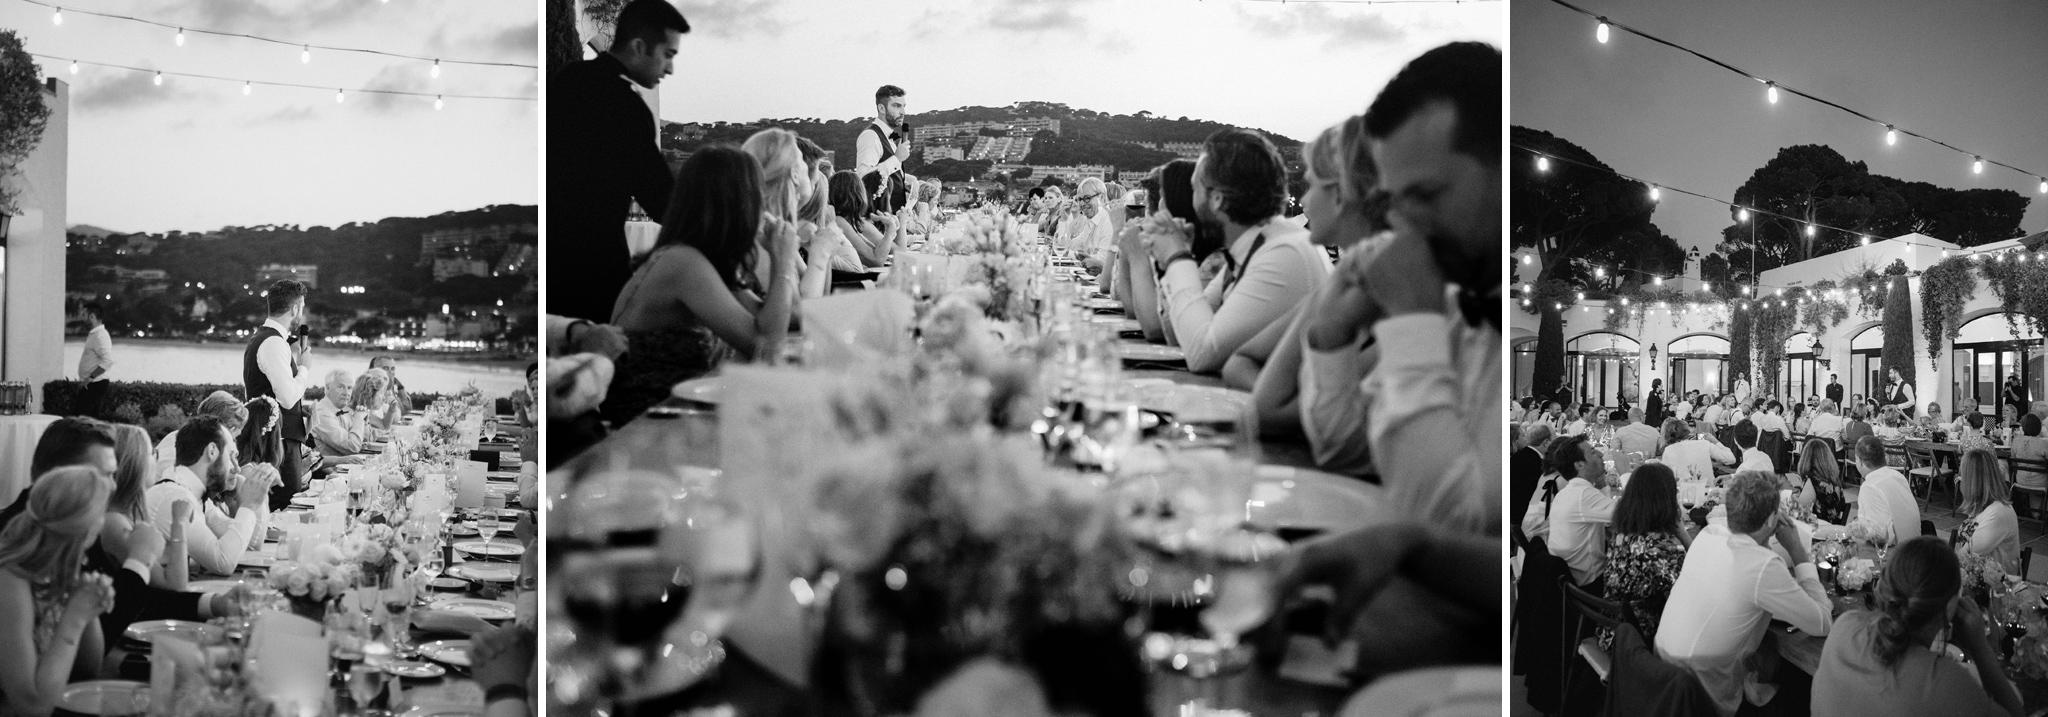 fotografo-boda-barcelona0079.jpg